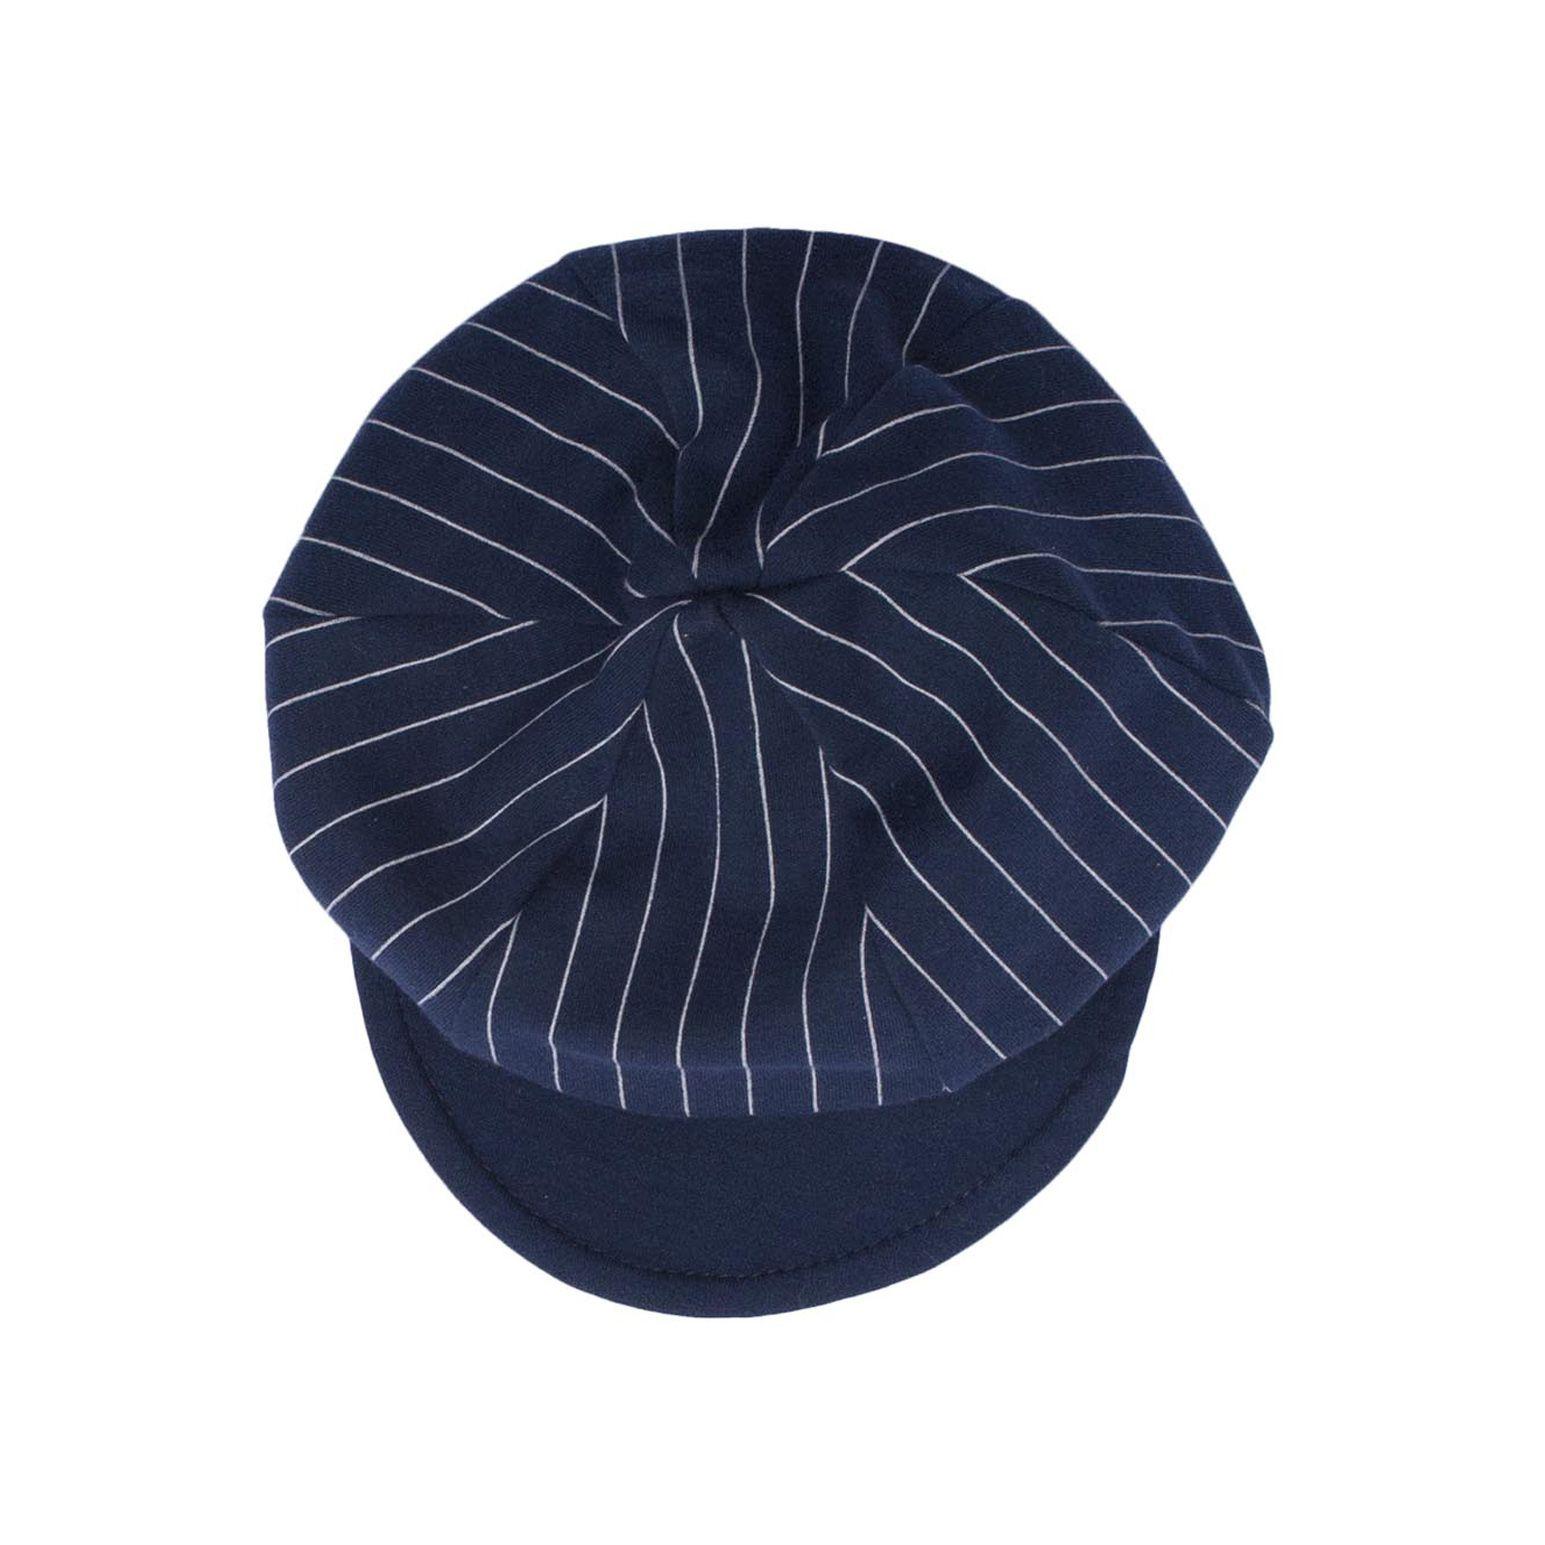 کلاه نوزادی پسرانه آدمک کد 363400 -  - 2